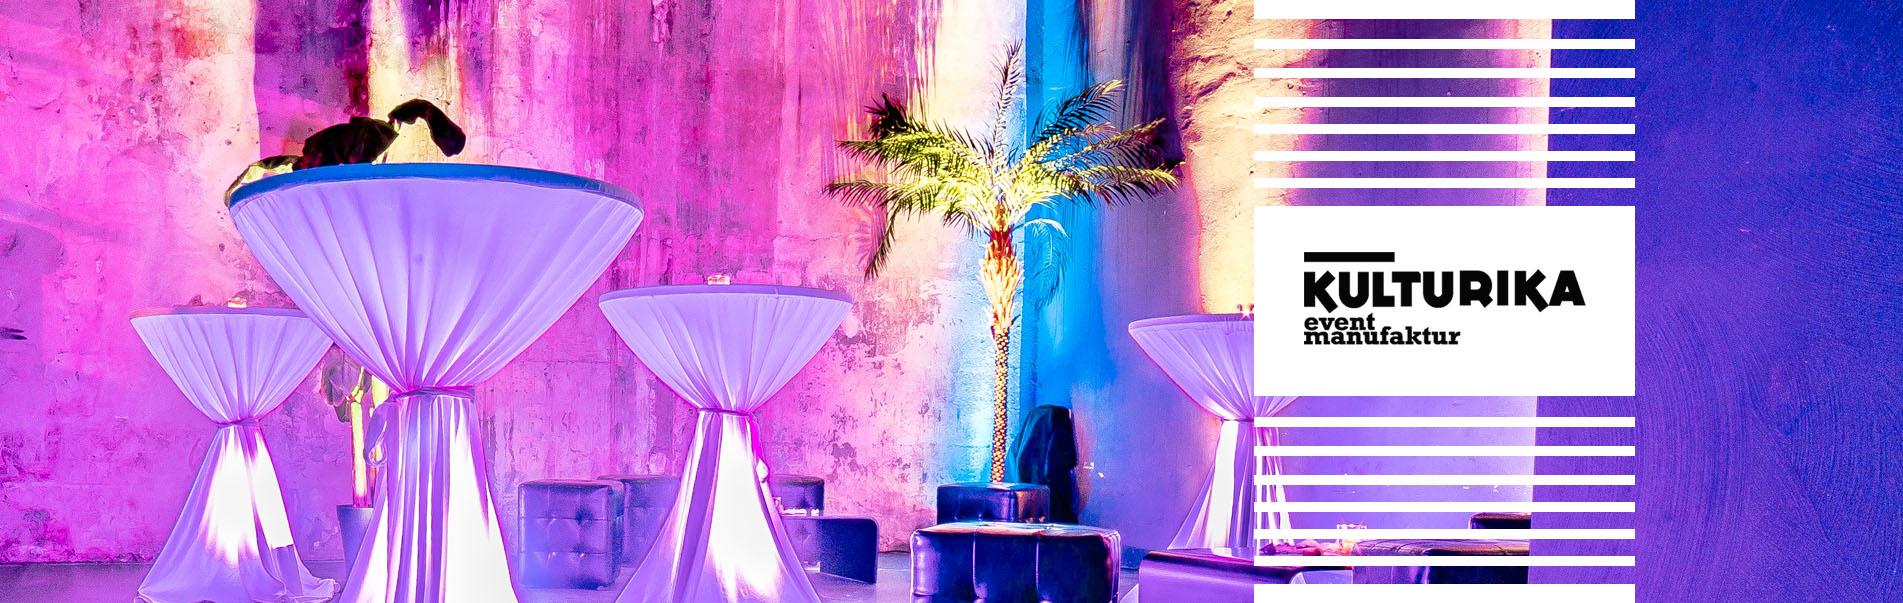 kulturika eventmanufaktur full service eventagentur aus k ln. Black Bedroom Furniture Sets. Home Design Ideas